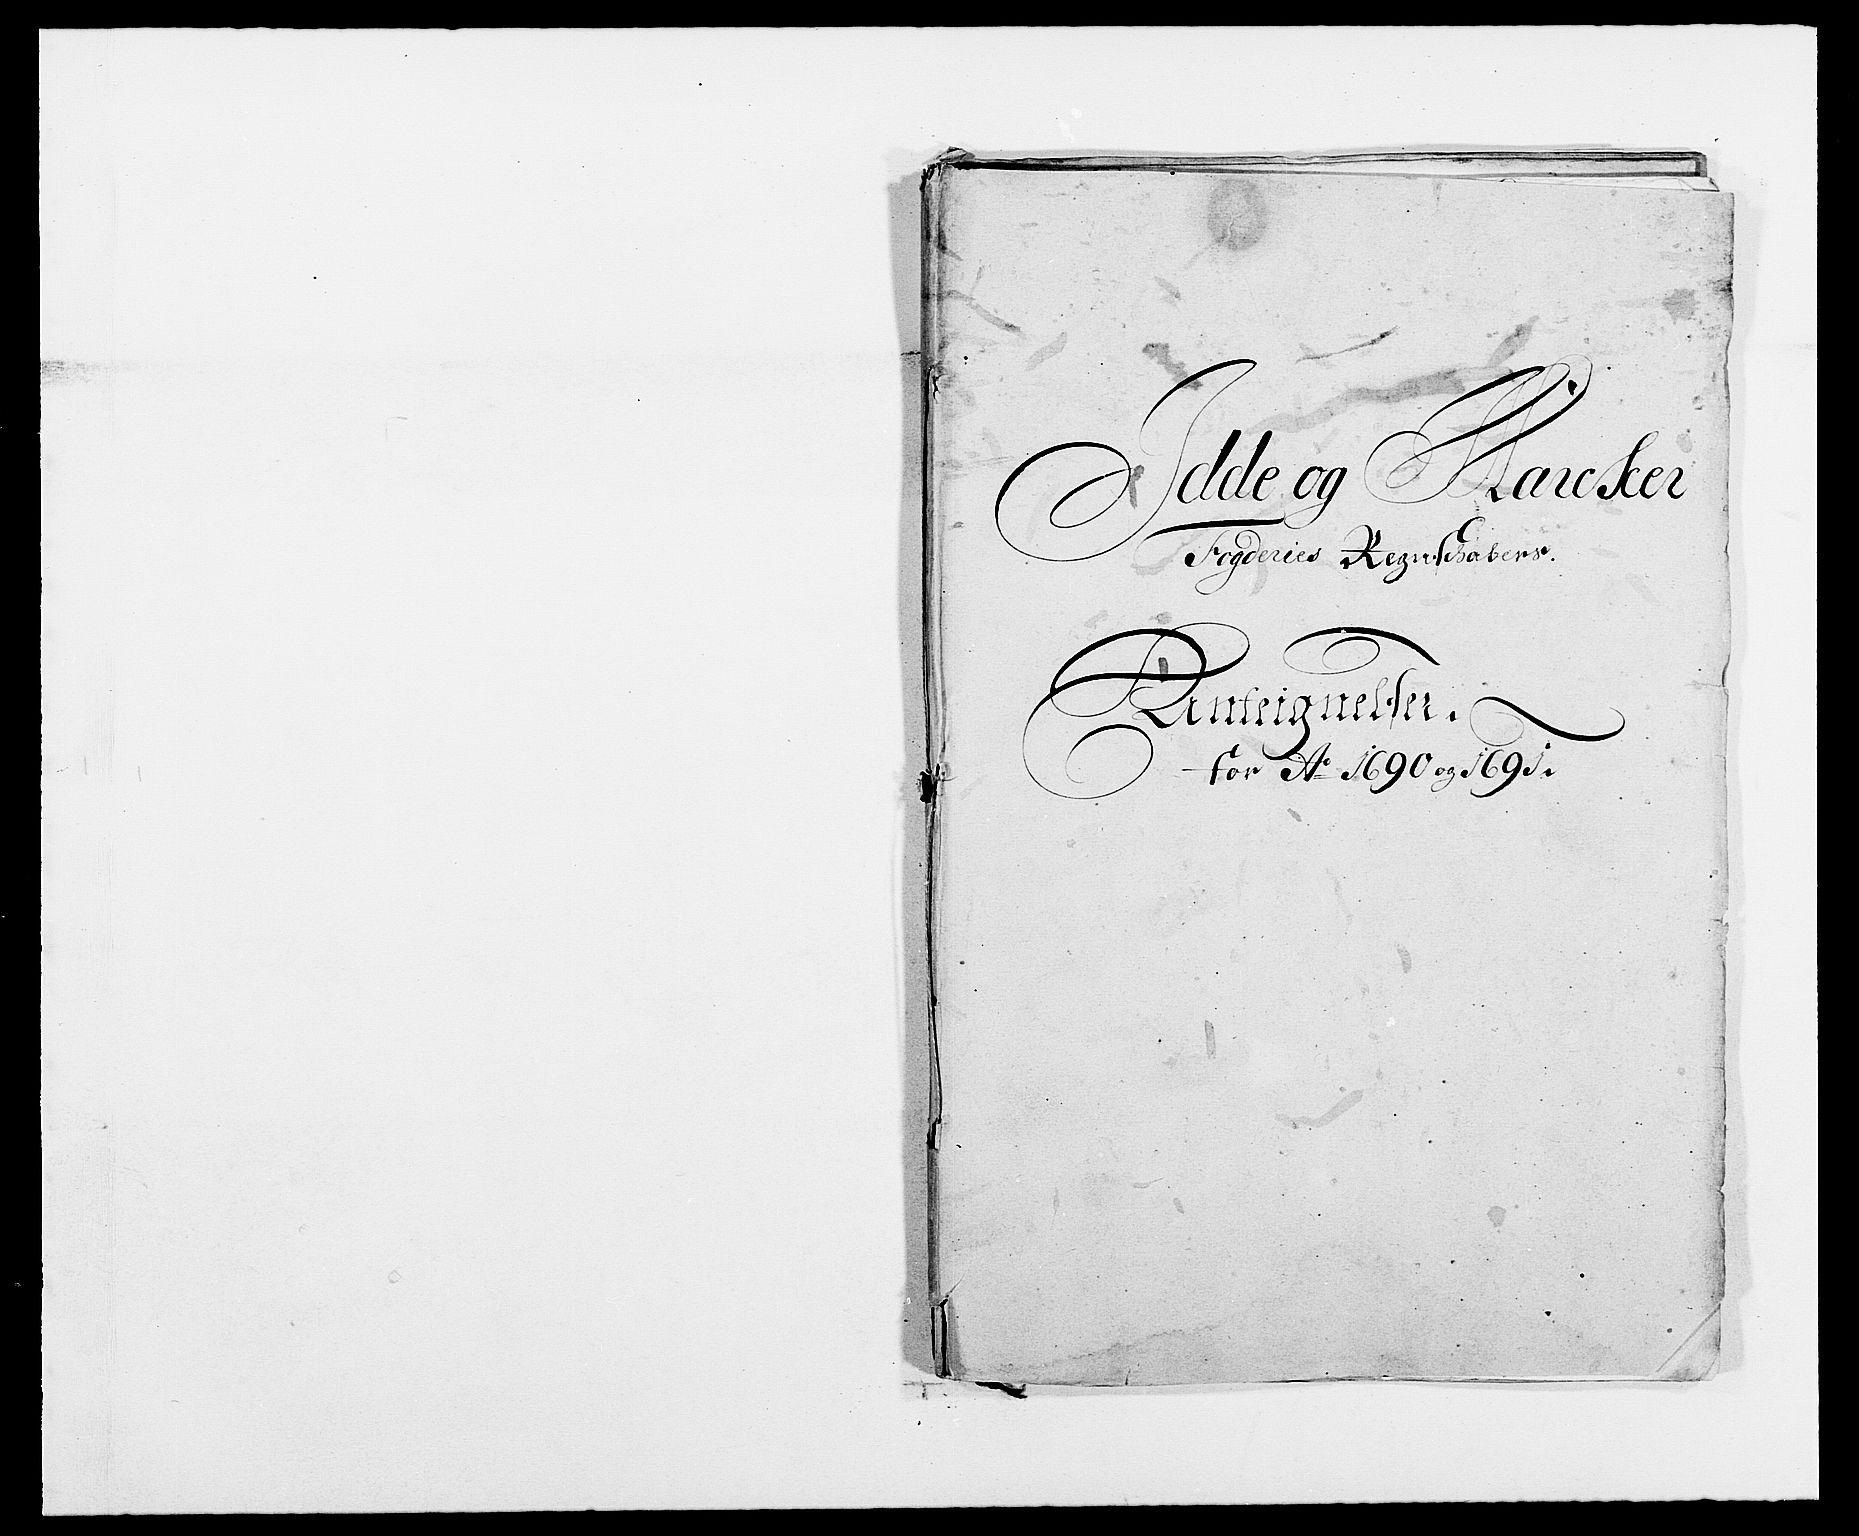 RA, Rentekammeret inntil 1814, Reviderte regnskaper, Fogderegnskap, R01/L0010: Fogderegnskap Idd og Marker, 1690-1691, p. 109